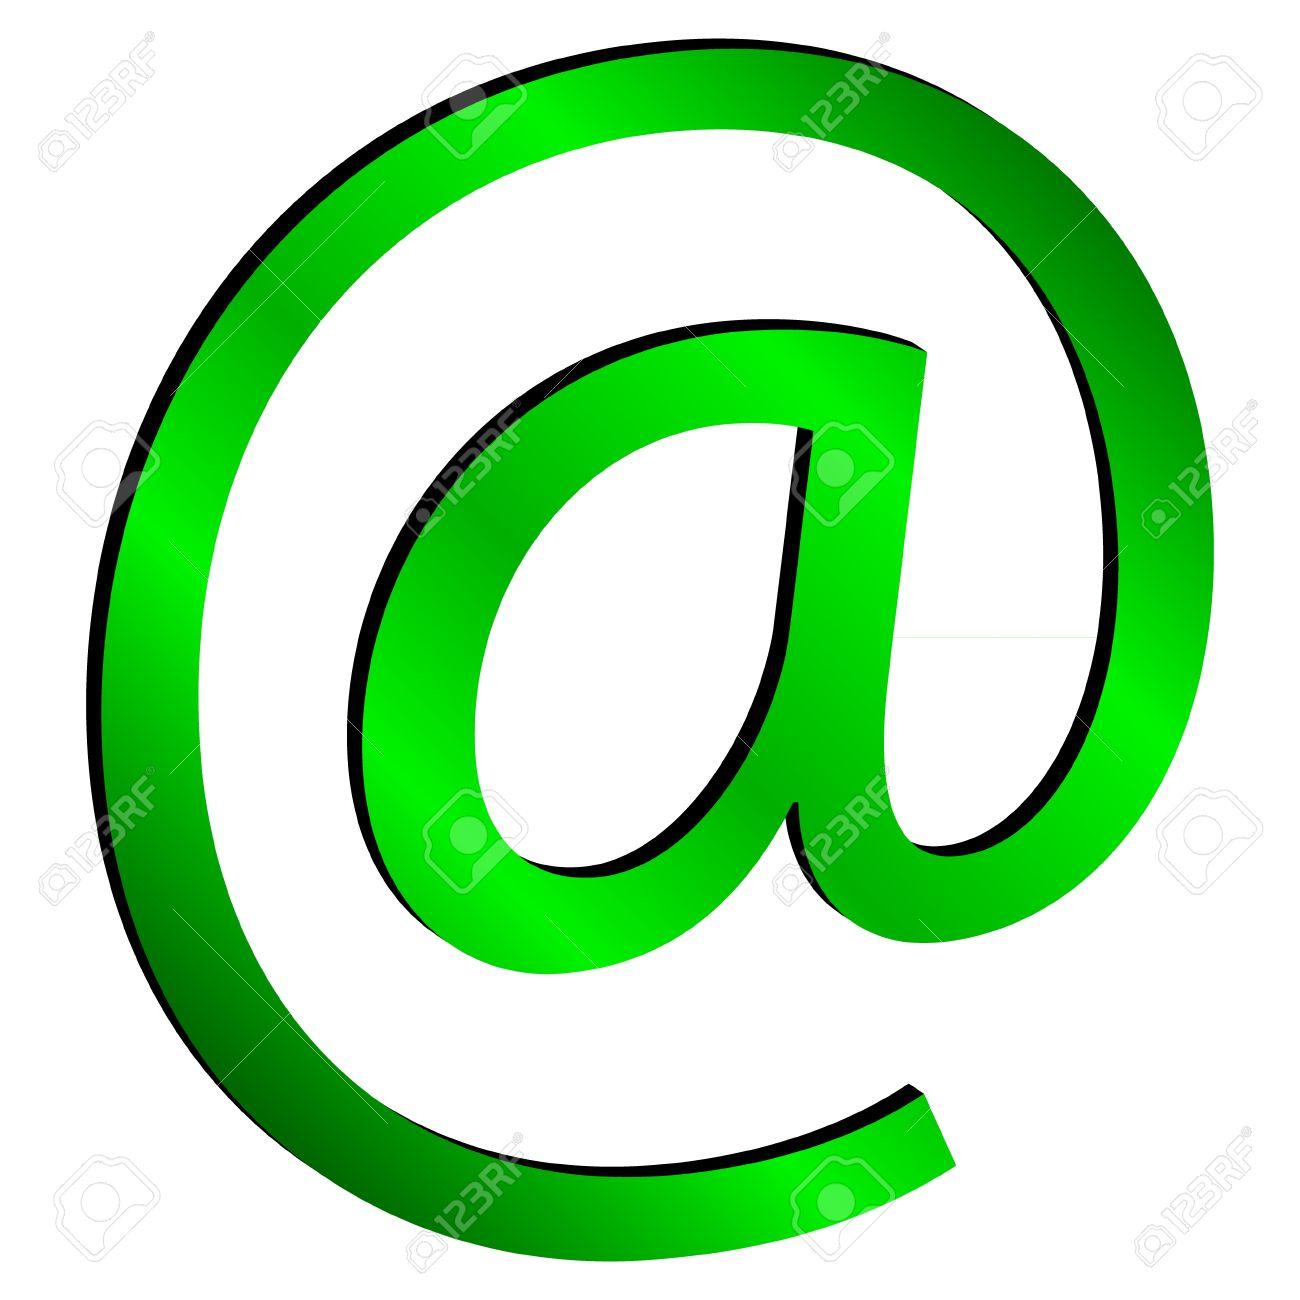 Groen E-mail Geà ¯ Soleerd Op Witte Achtergrond - Vector Royalty ...